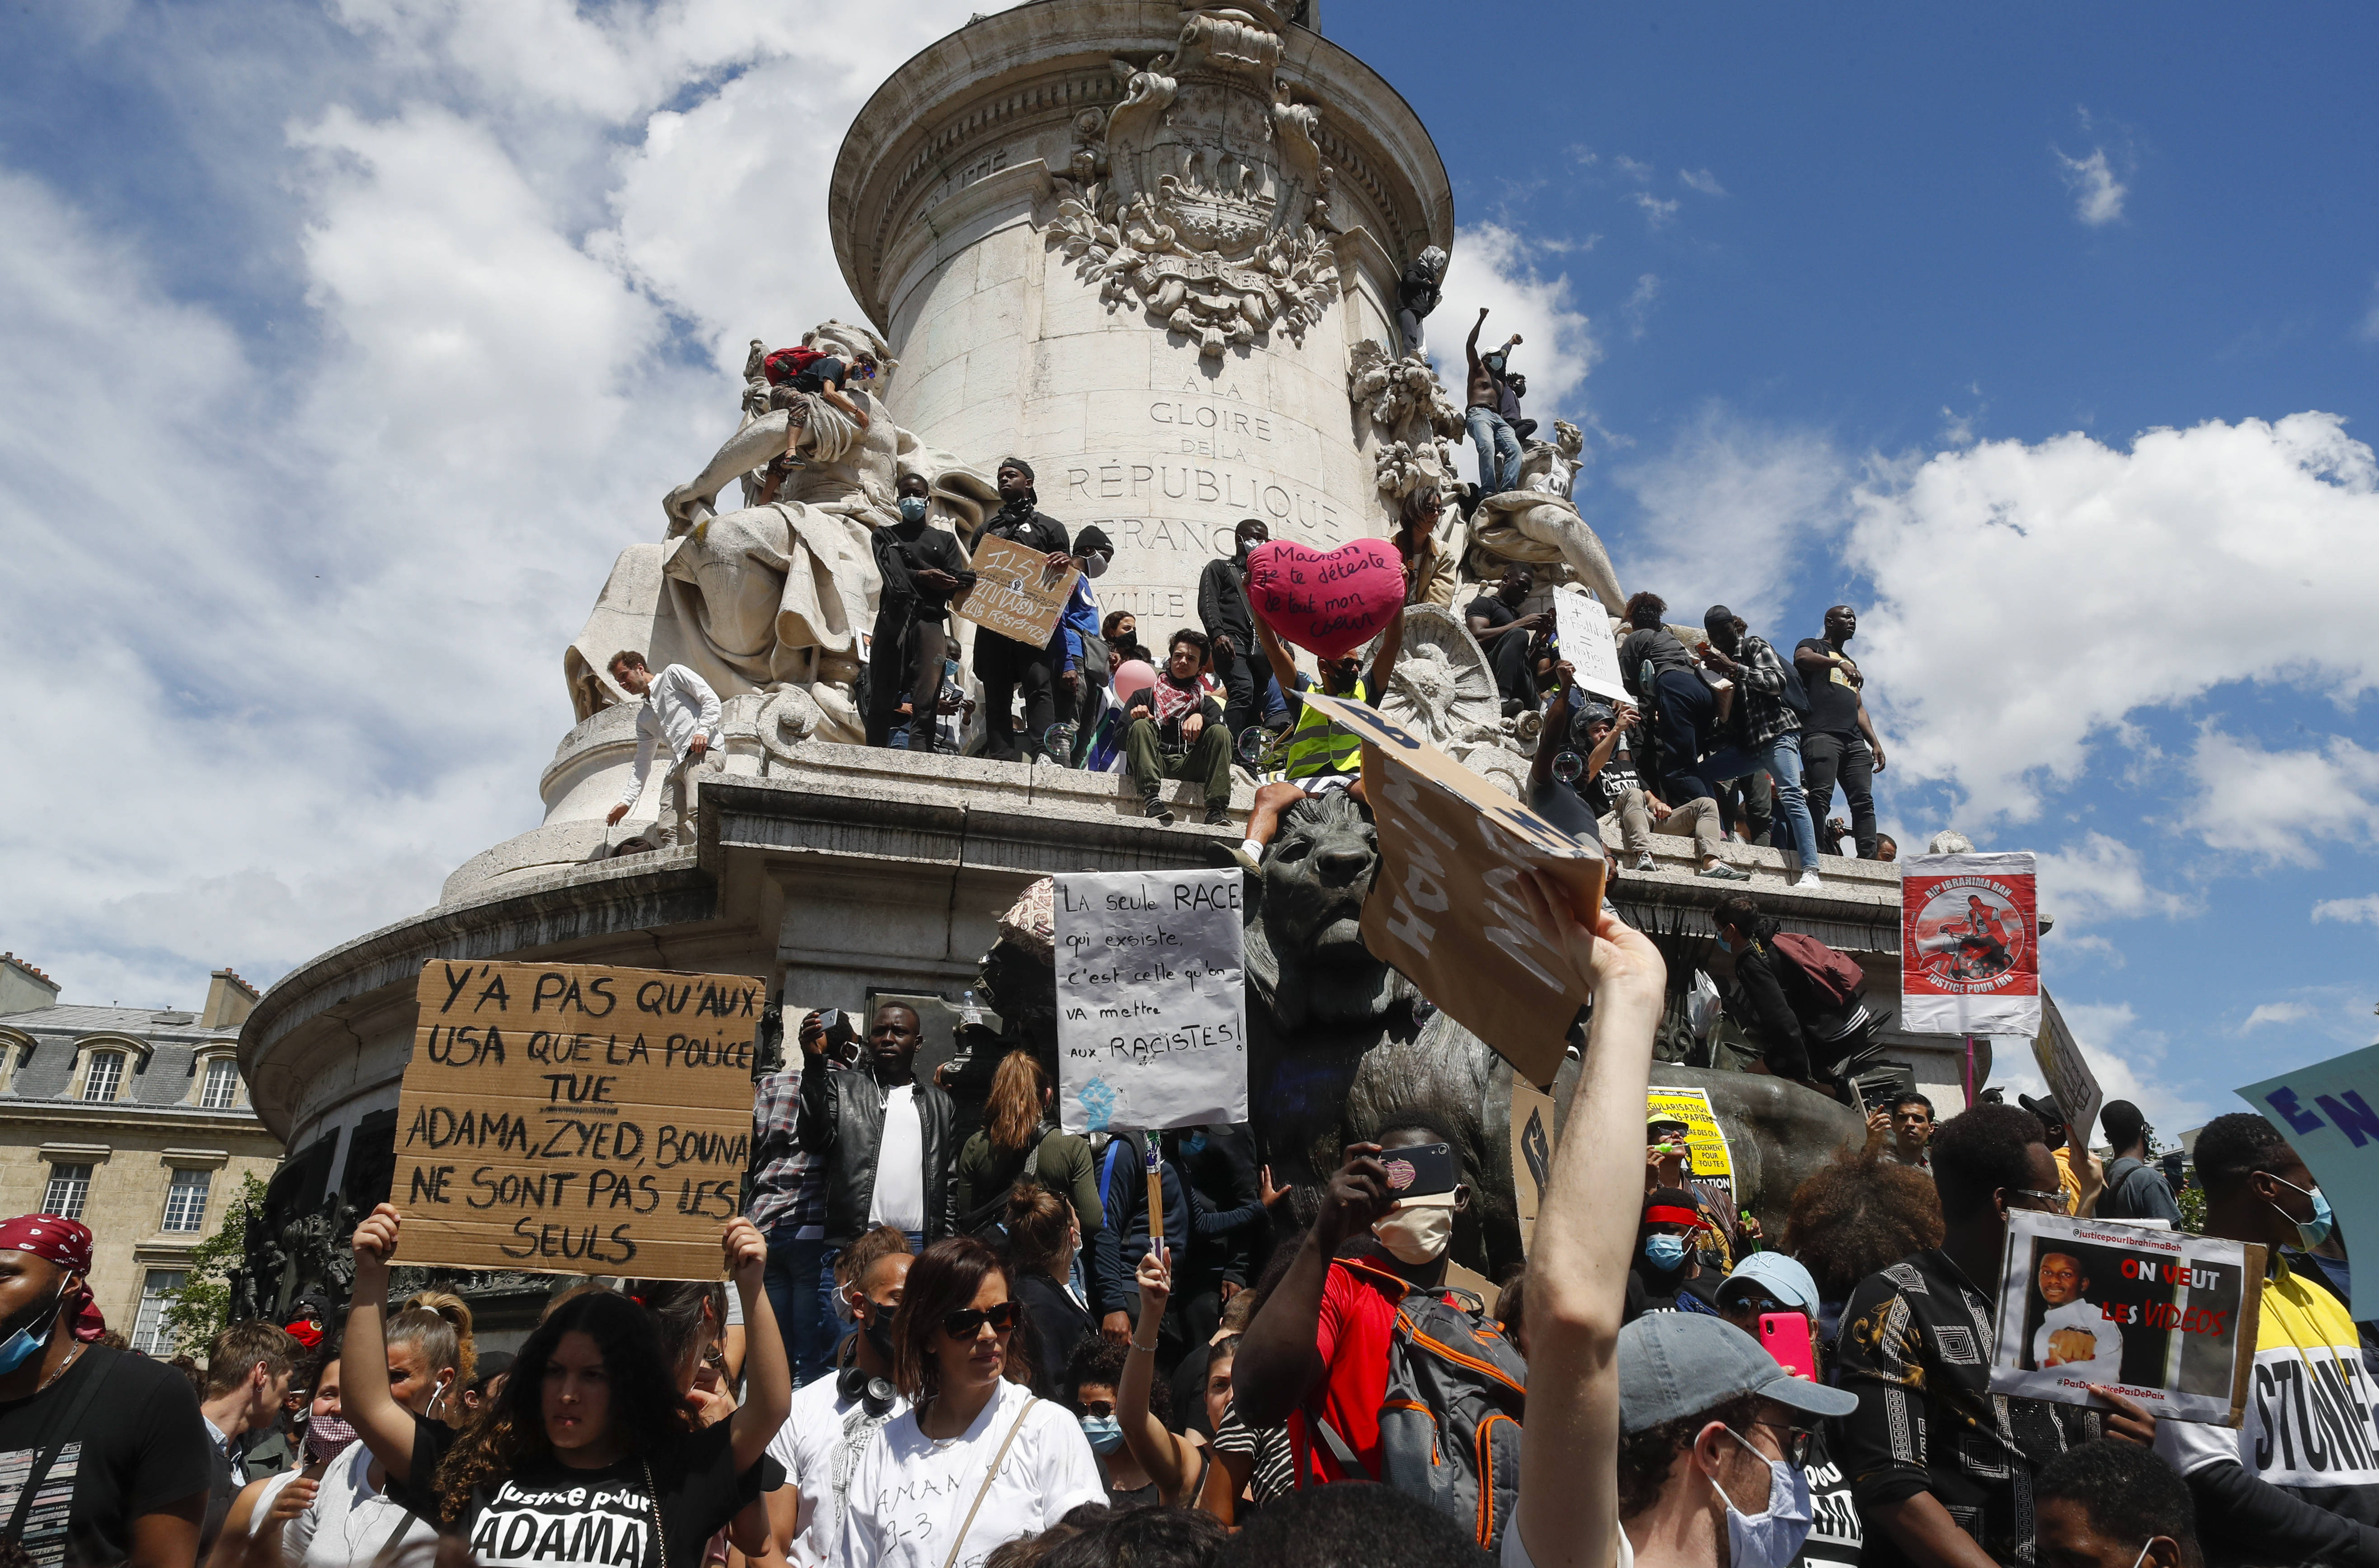 Des milliers de personnes participent à une marche organisée par les proches d'Adama Traoré contre la brutalité policière et le racisme, à Paris, le 13 juin 2020.